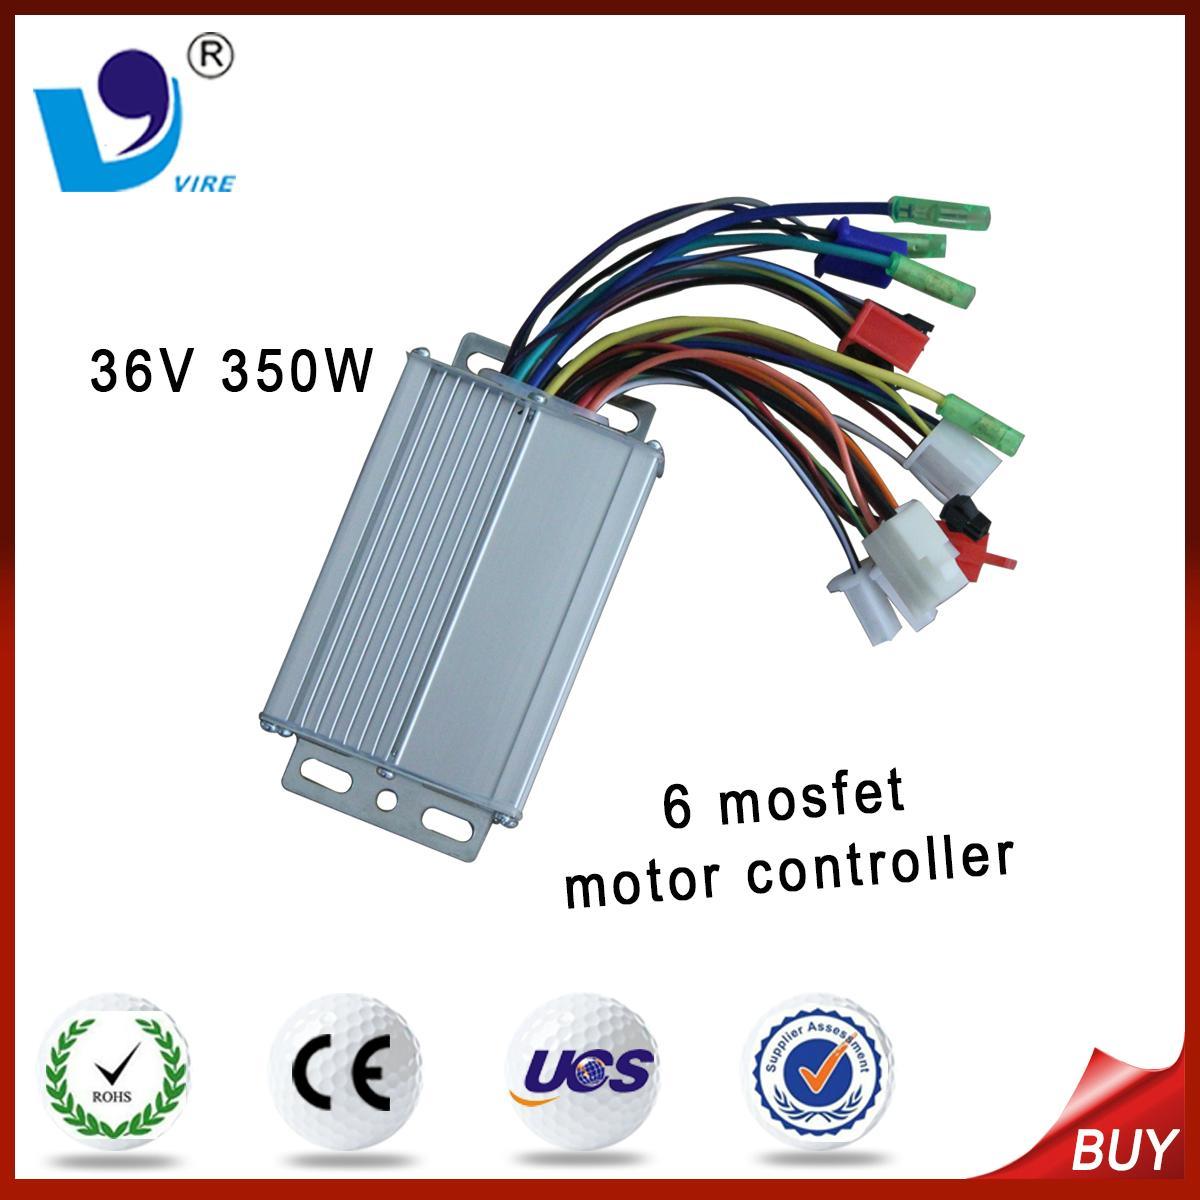 800w 36v electric motor controller 6 tubes 6 tube 36v for Ev ac motor controller